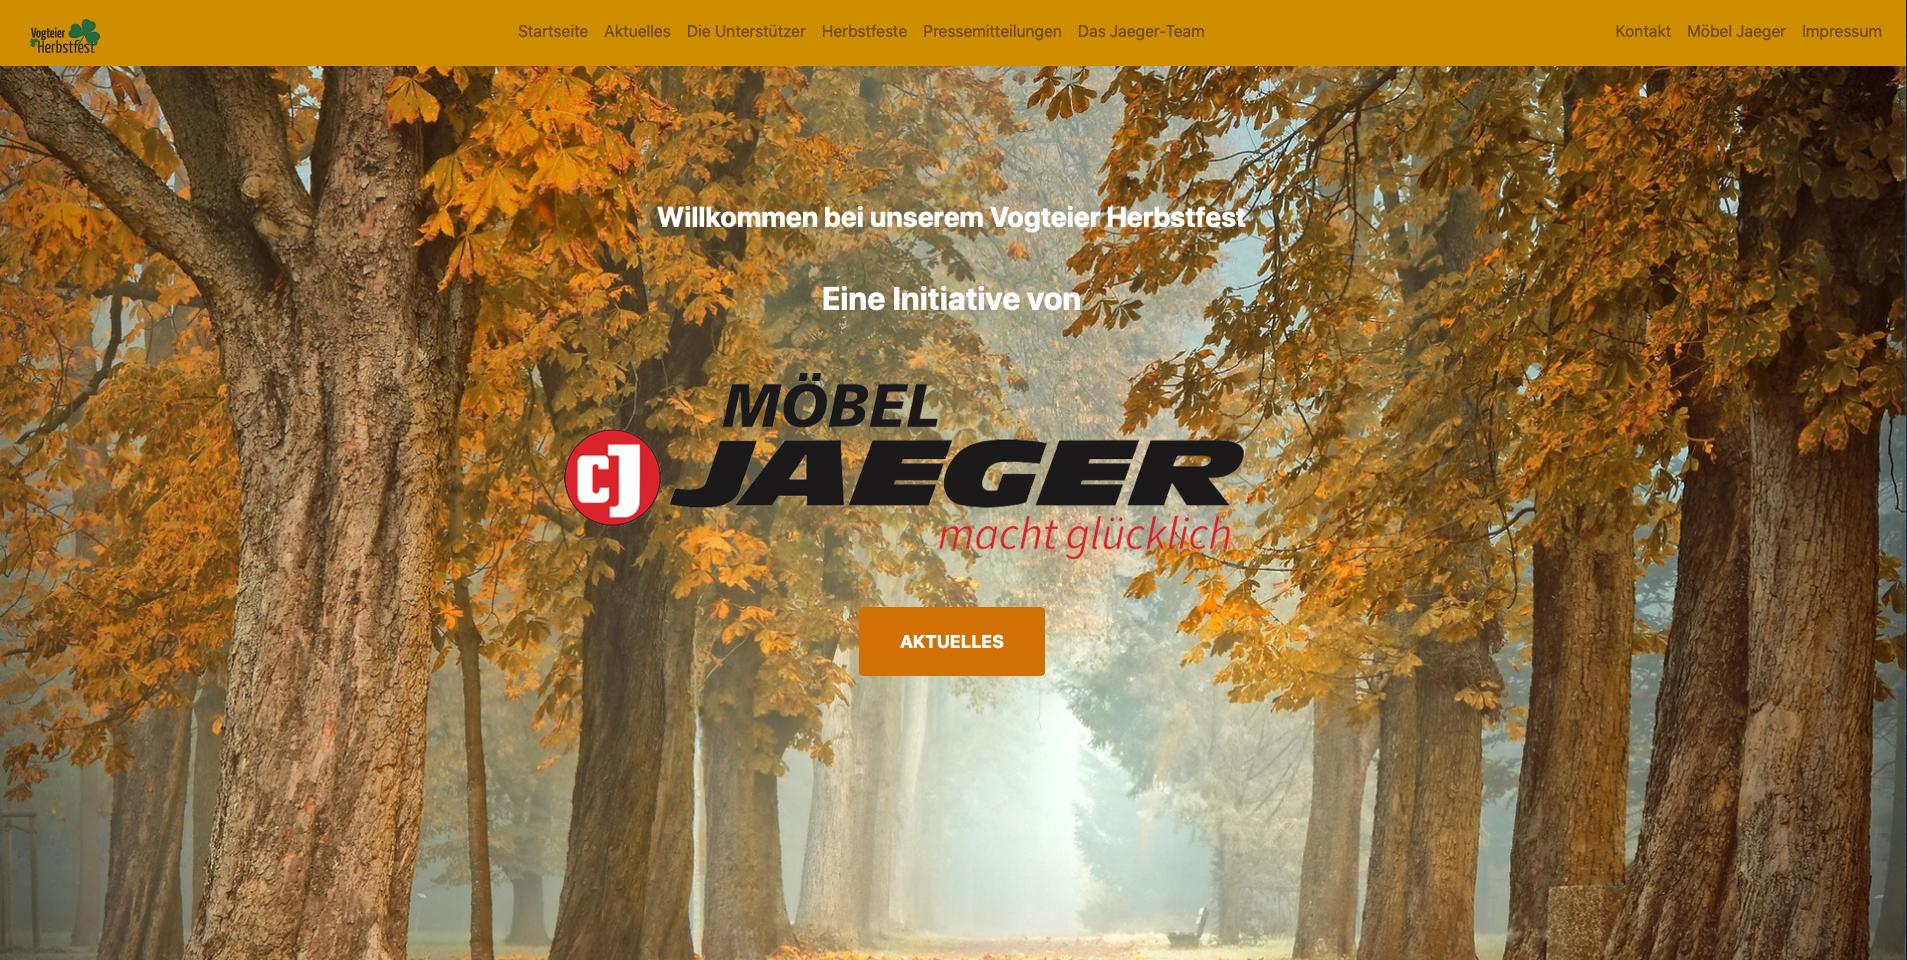 vogteier_herbstfest